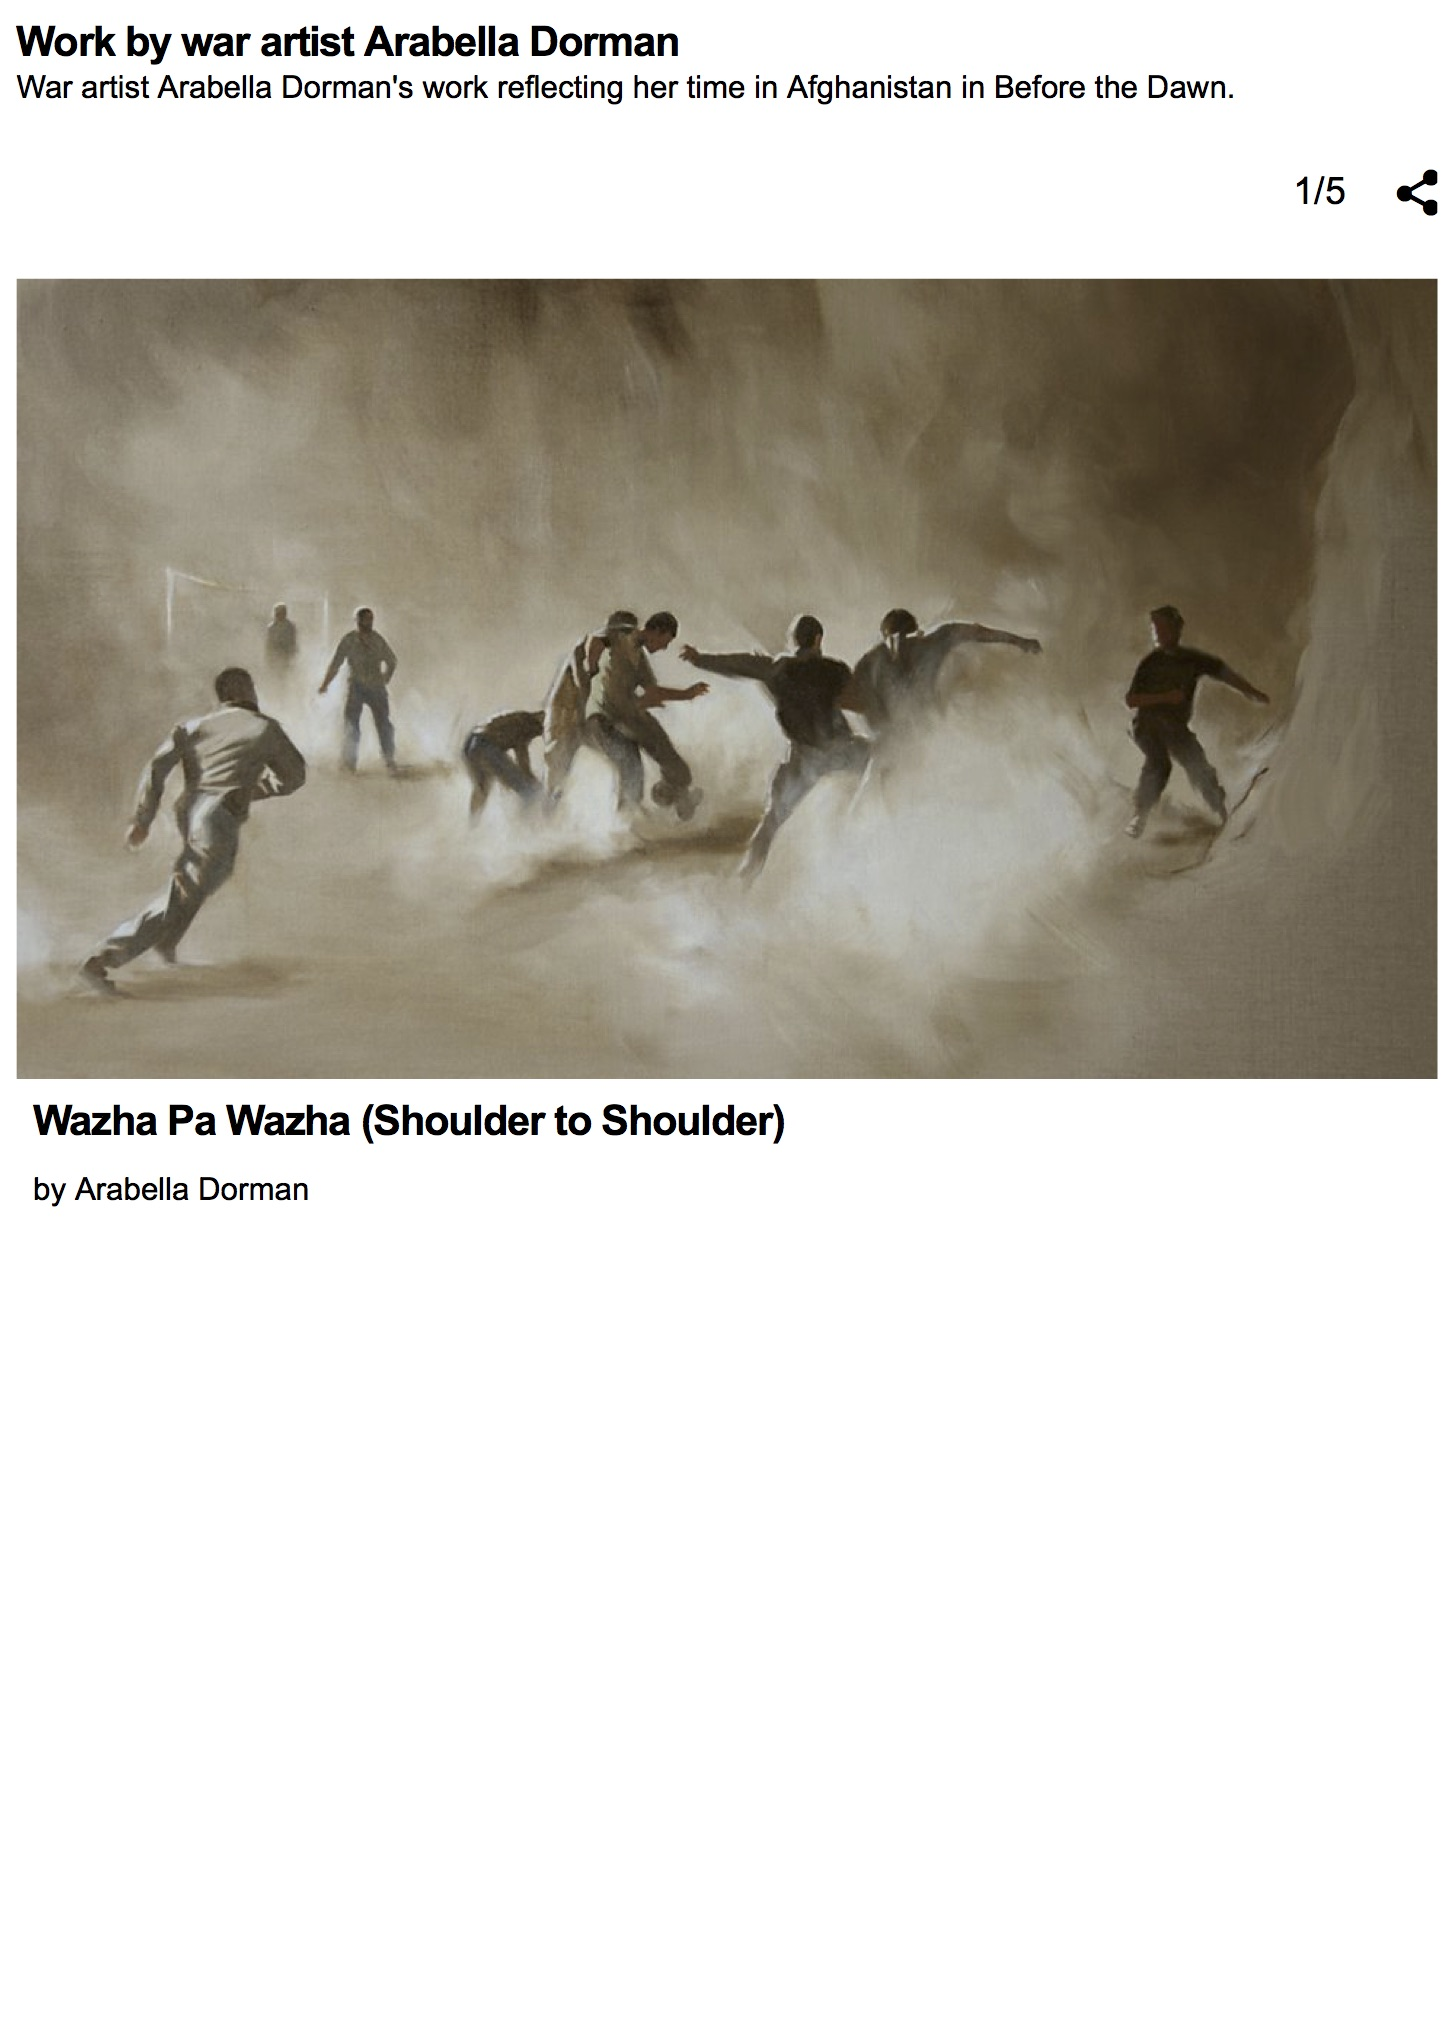 BBC - Work by war artist Arabella Dorman.jpg